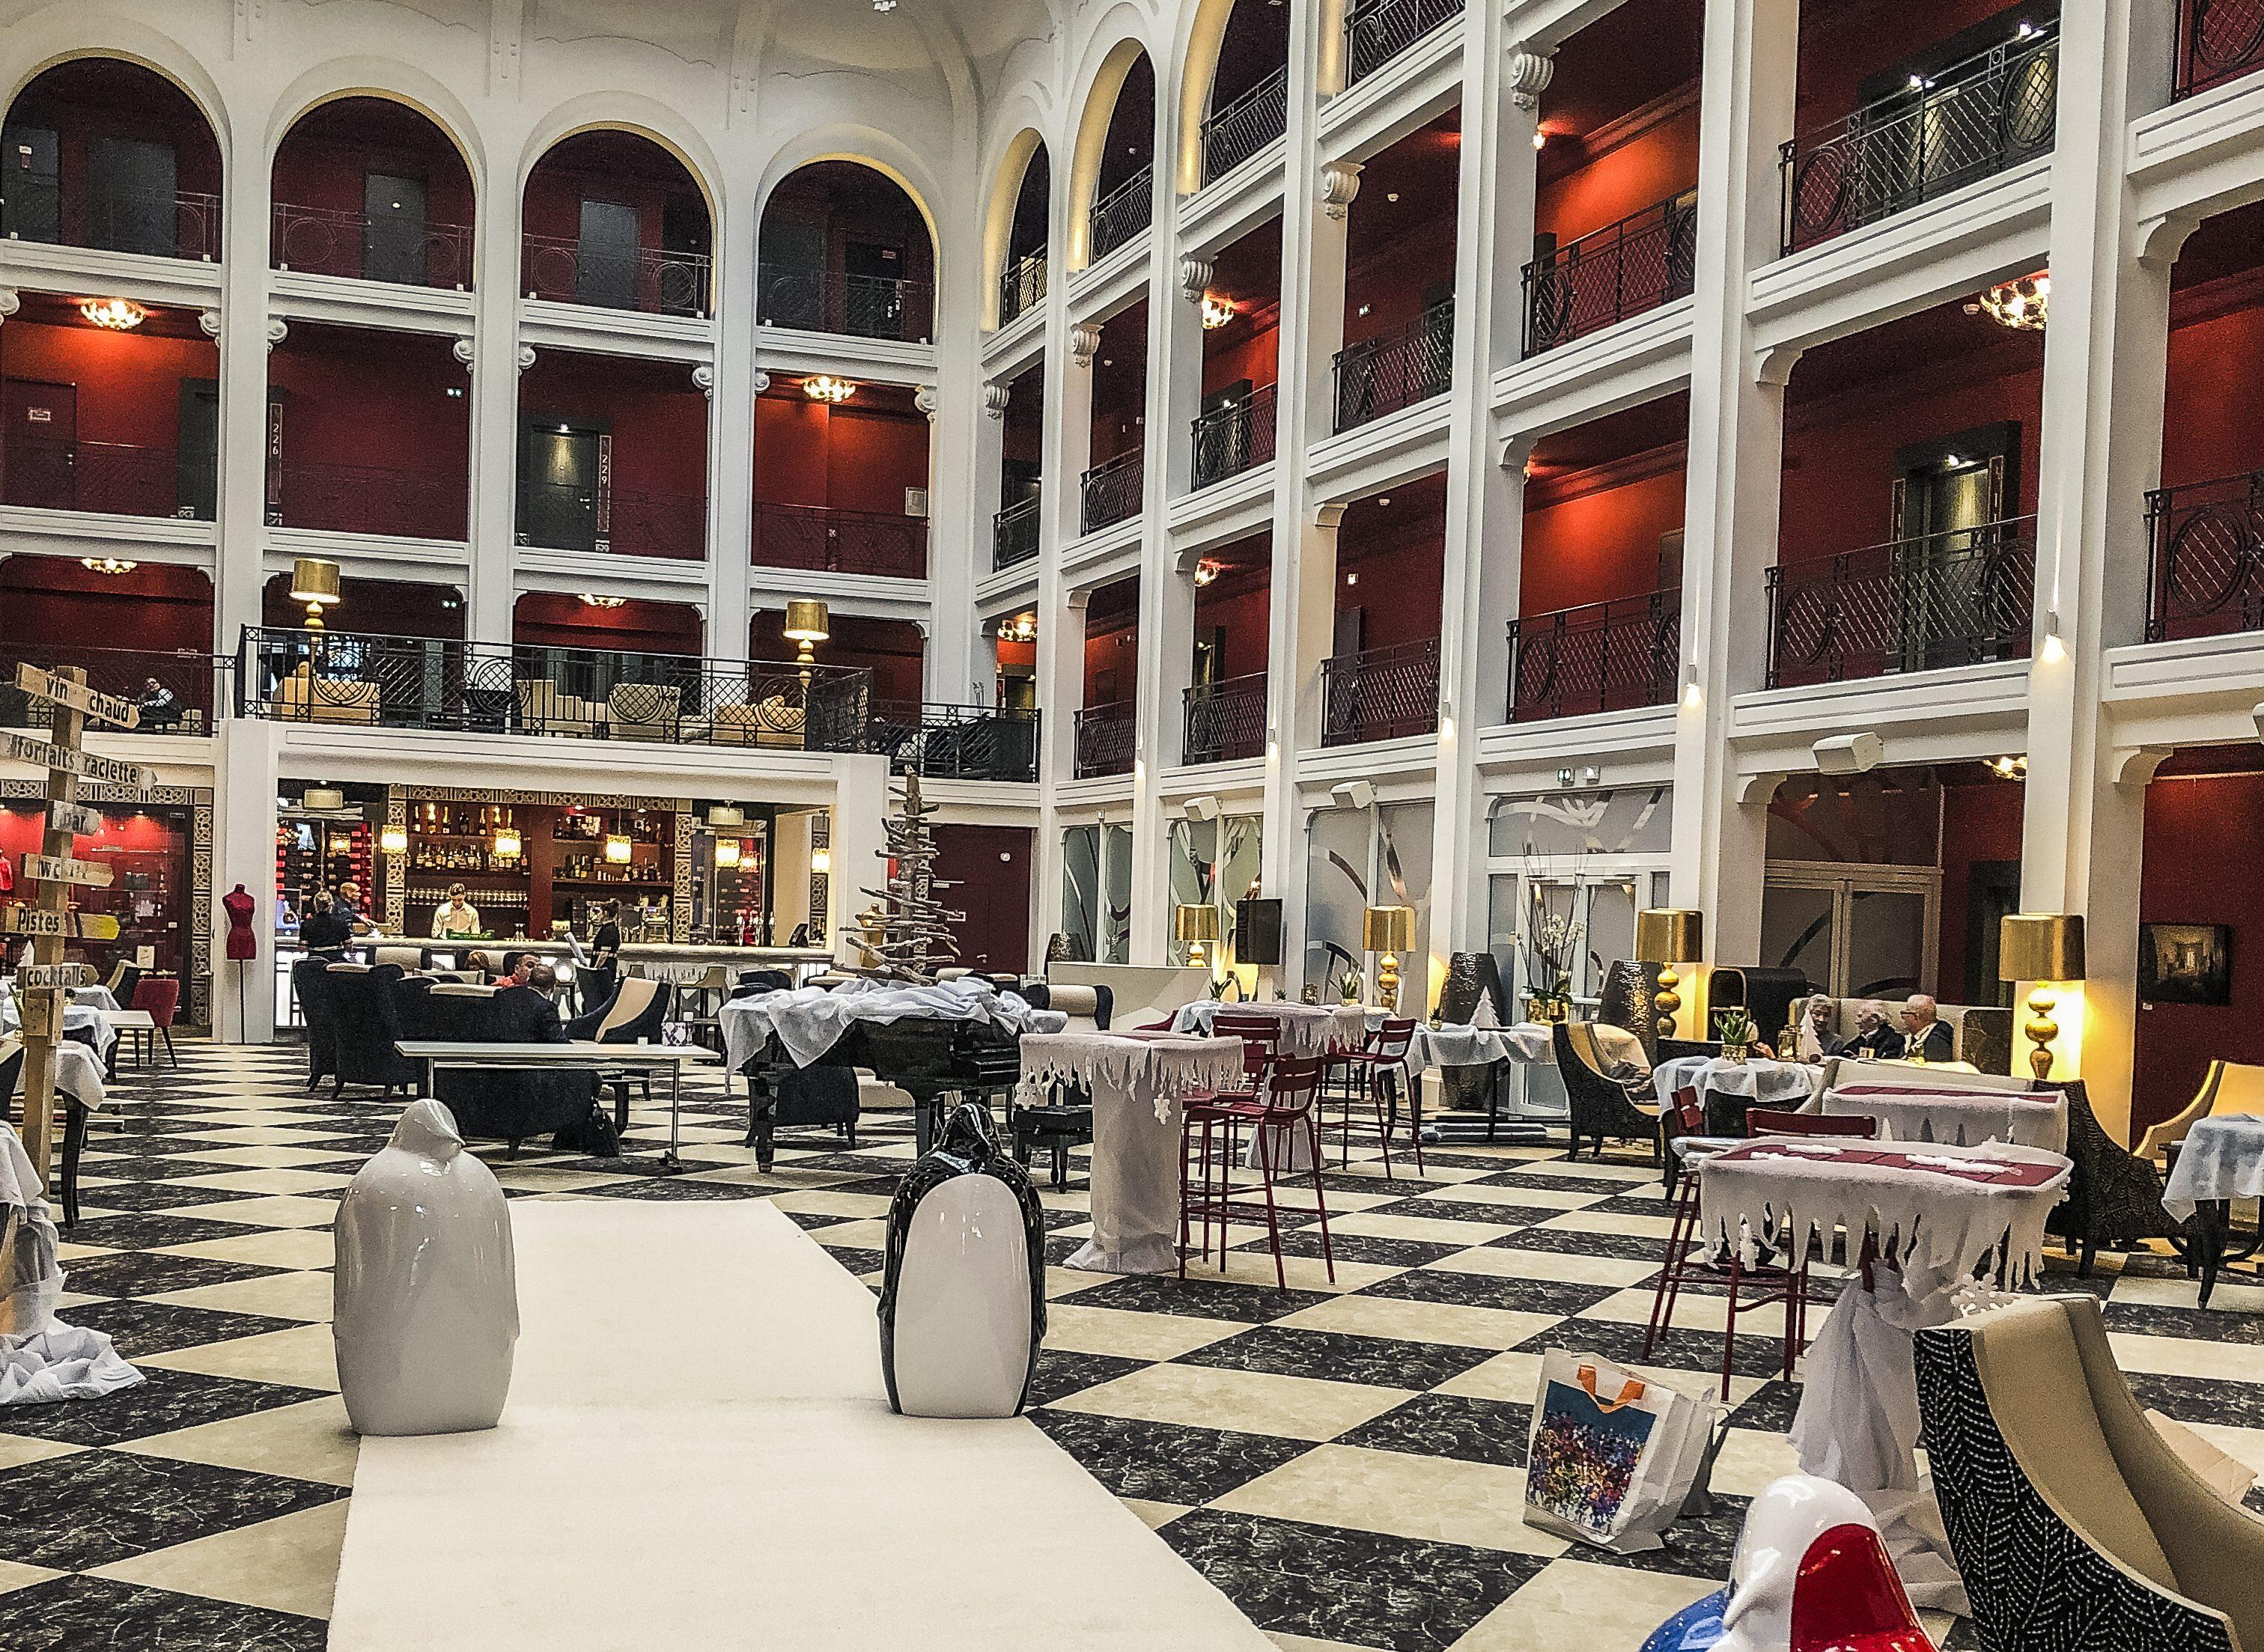 agence événementielle réceptive voyage pays basque erronda séminaire team building event Biarritz hôtel Regina